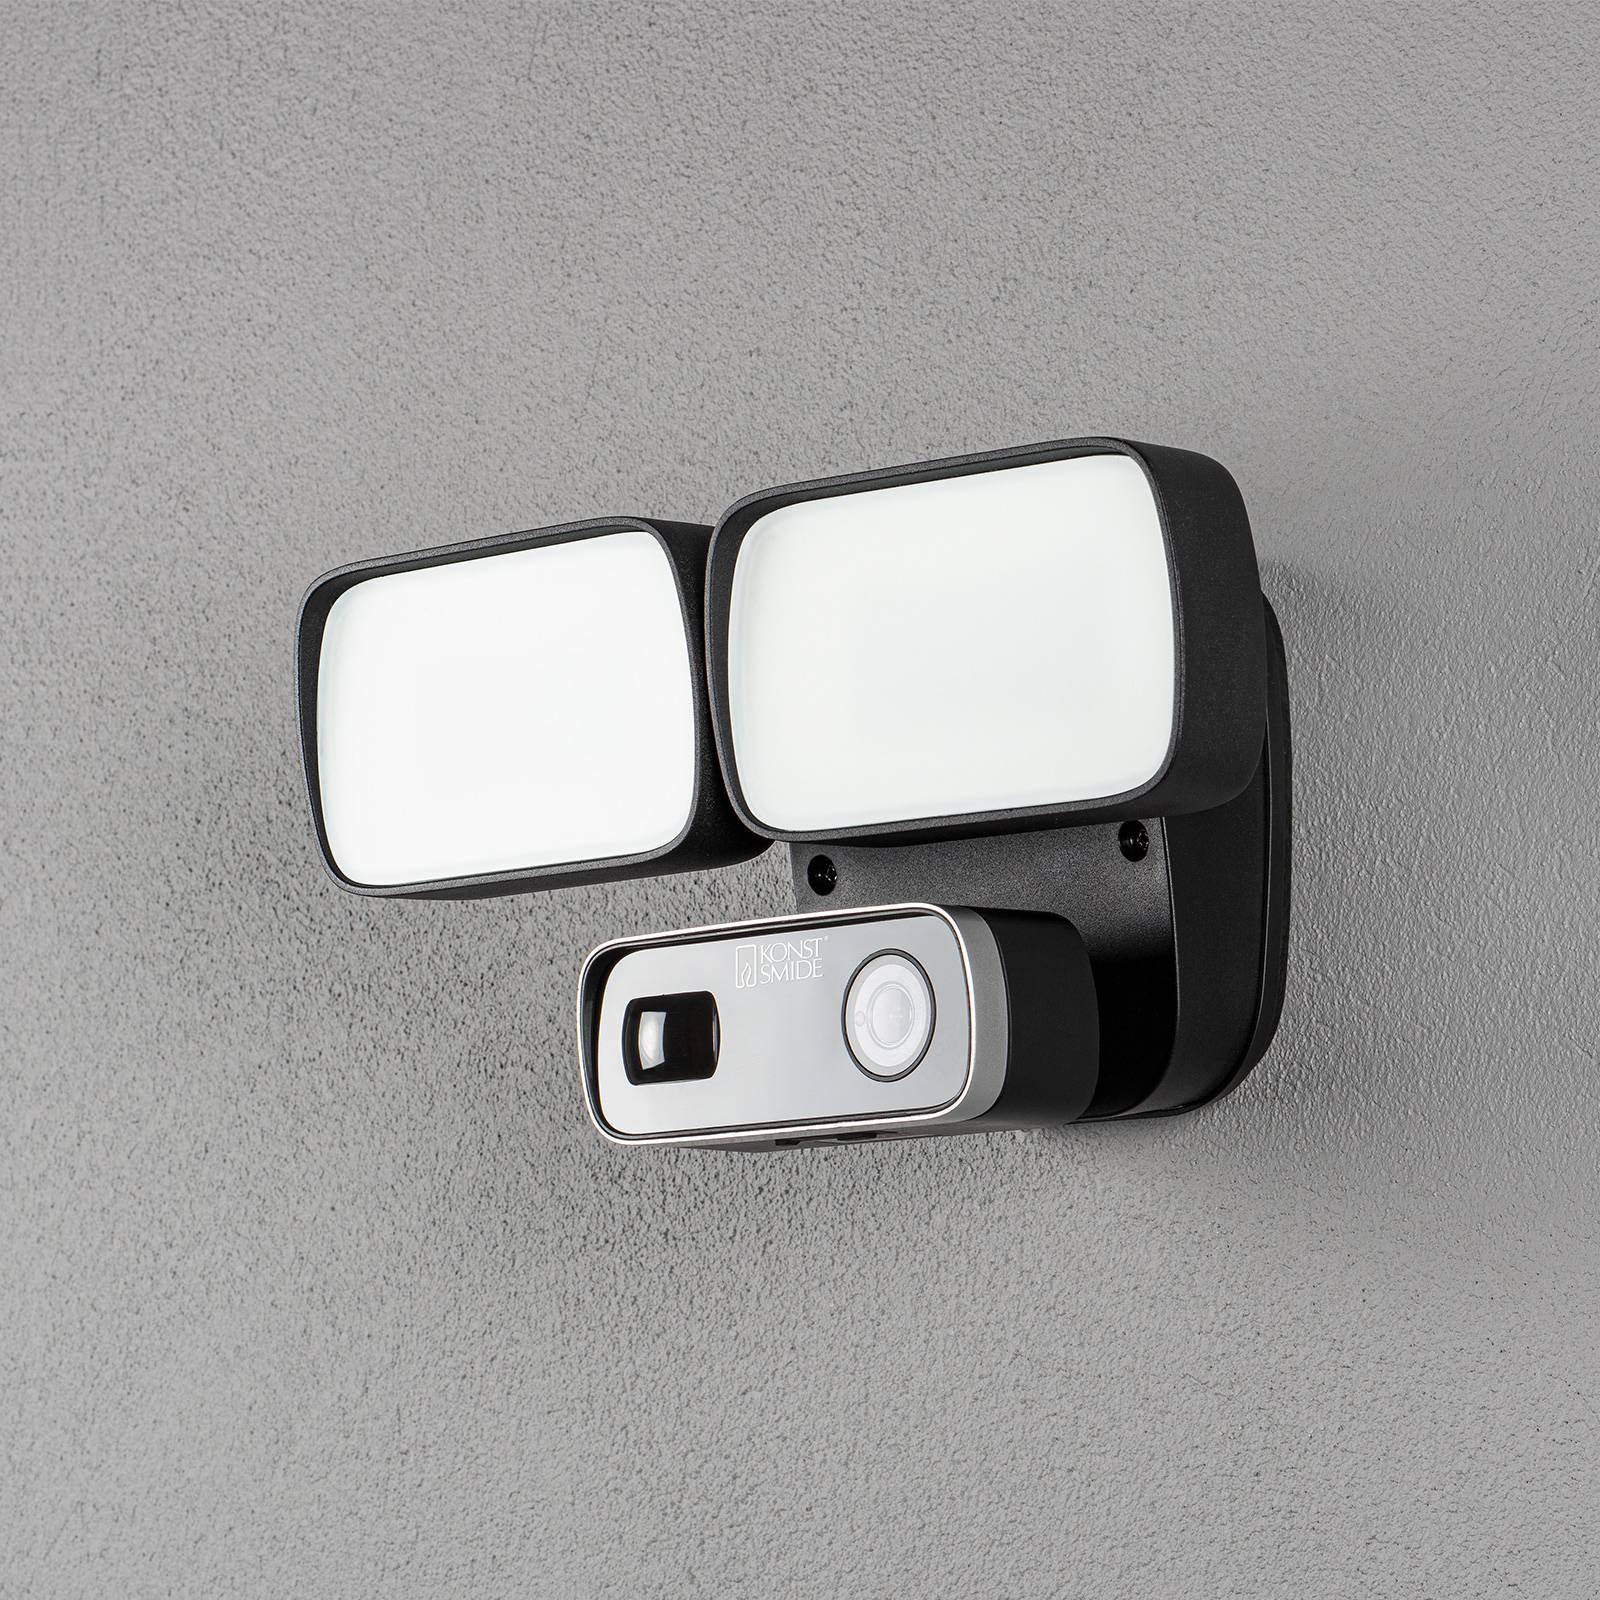 LED-kameralampe Smartlight 7869-750 WiFi 2 400lm